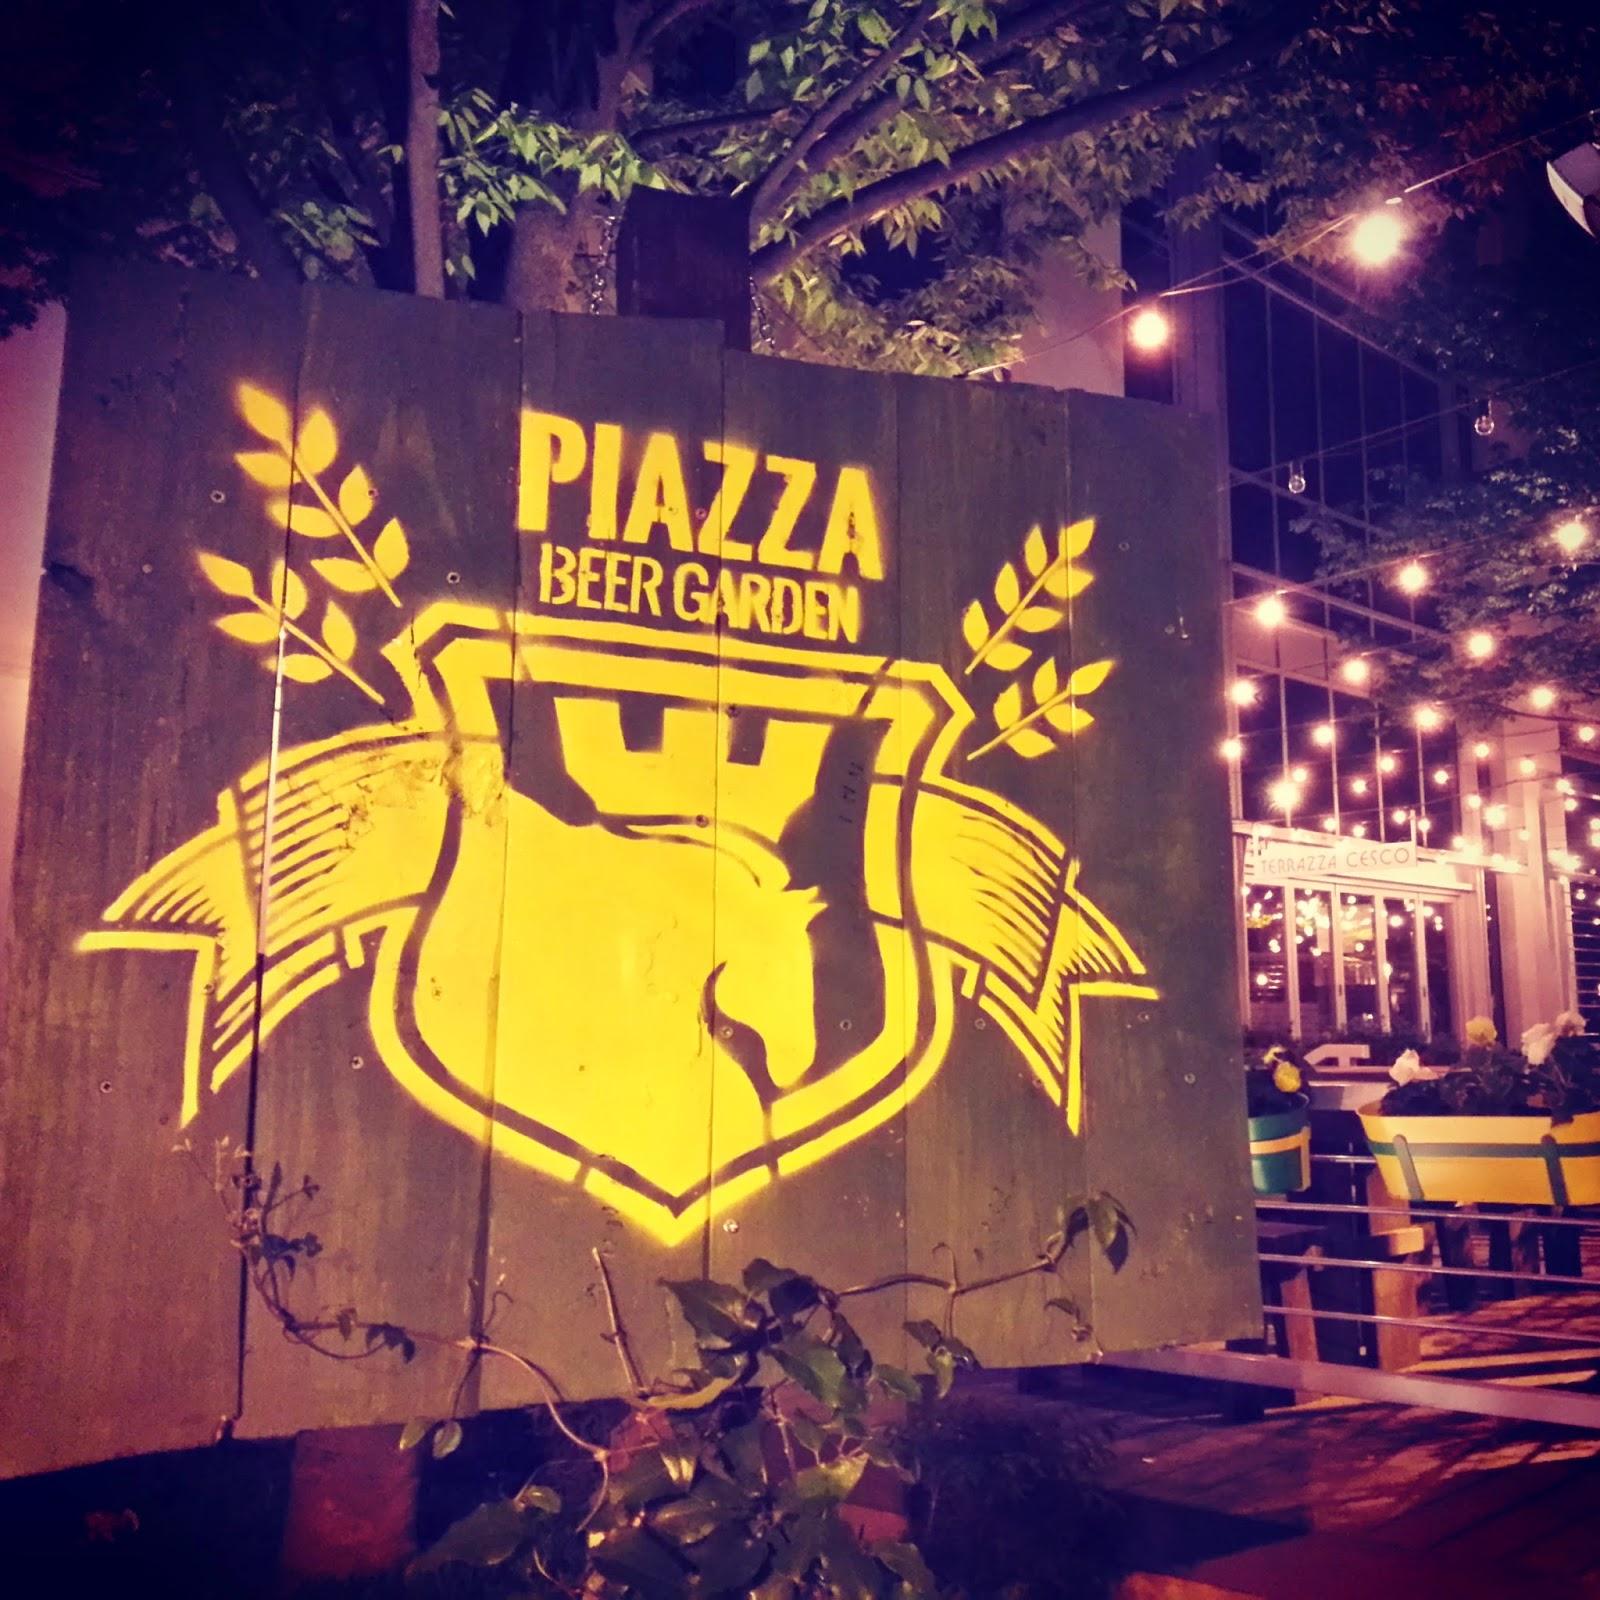 Garden La Piazza: Robert Dyer @ Bethesda Row: PIAZZA BEER GARDEN TO REOPEN